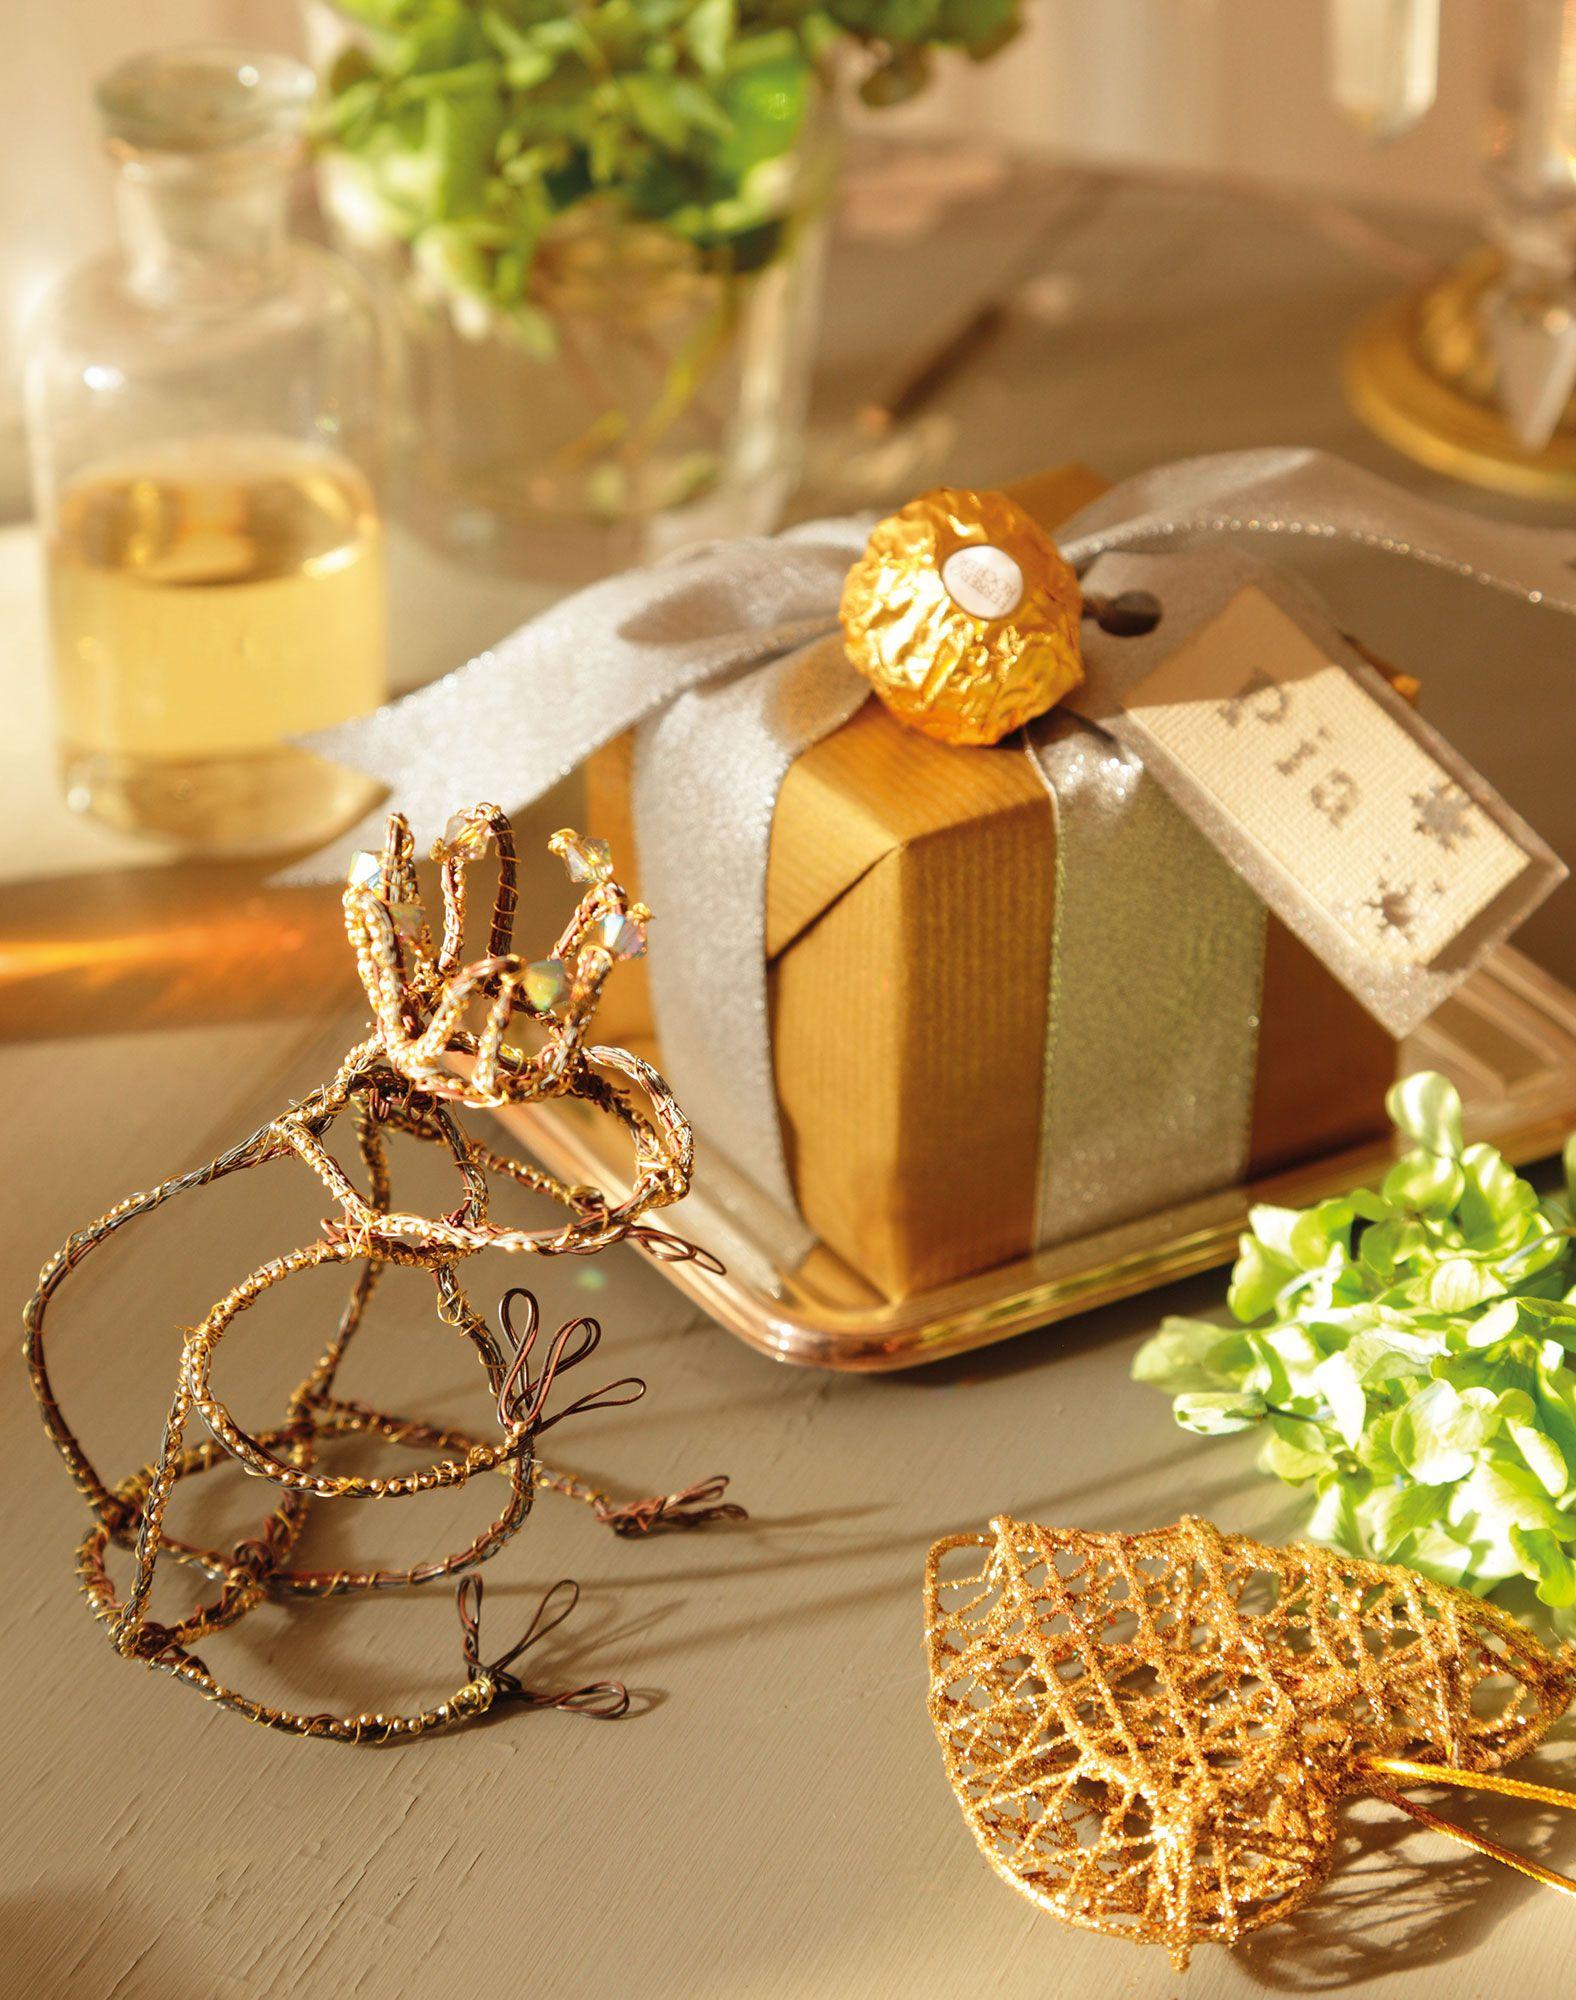 Detalle de regalo de navidad con papel dorado y decorado for Pinterest decoracion navidad